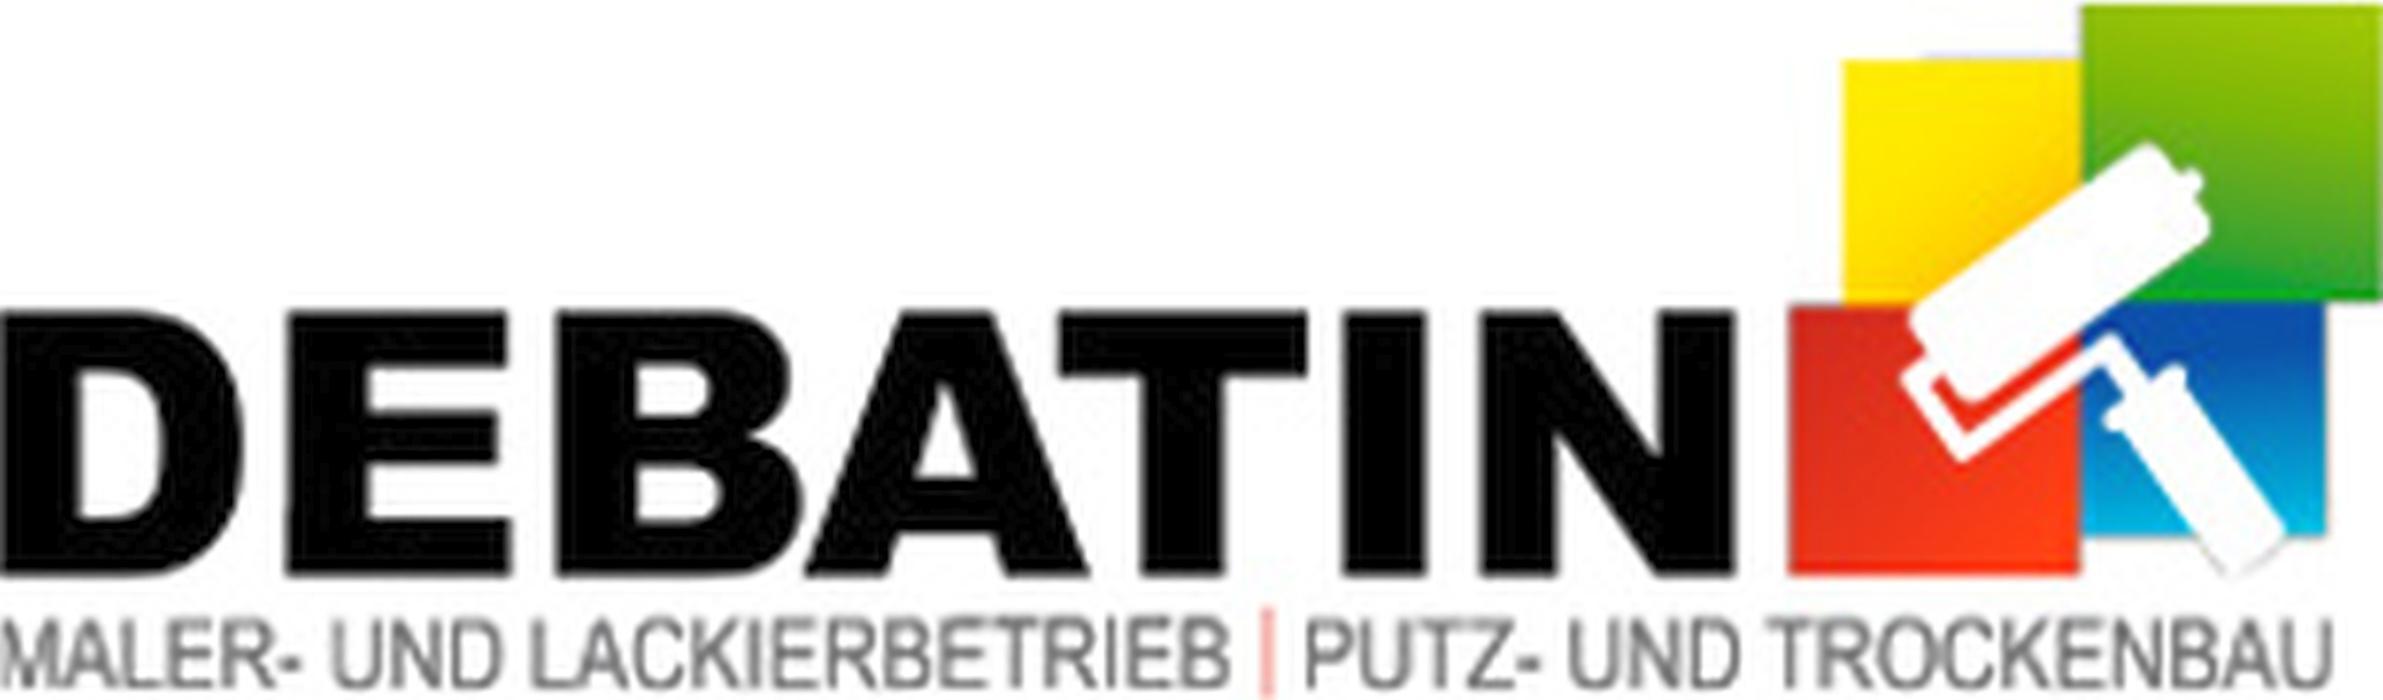 Bild zu Werner Debatin GmbH Maler und Lackierbetrieb Putz und Trockenbau in Bruchsal